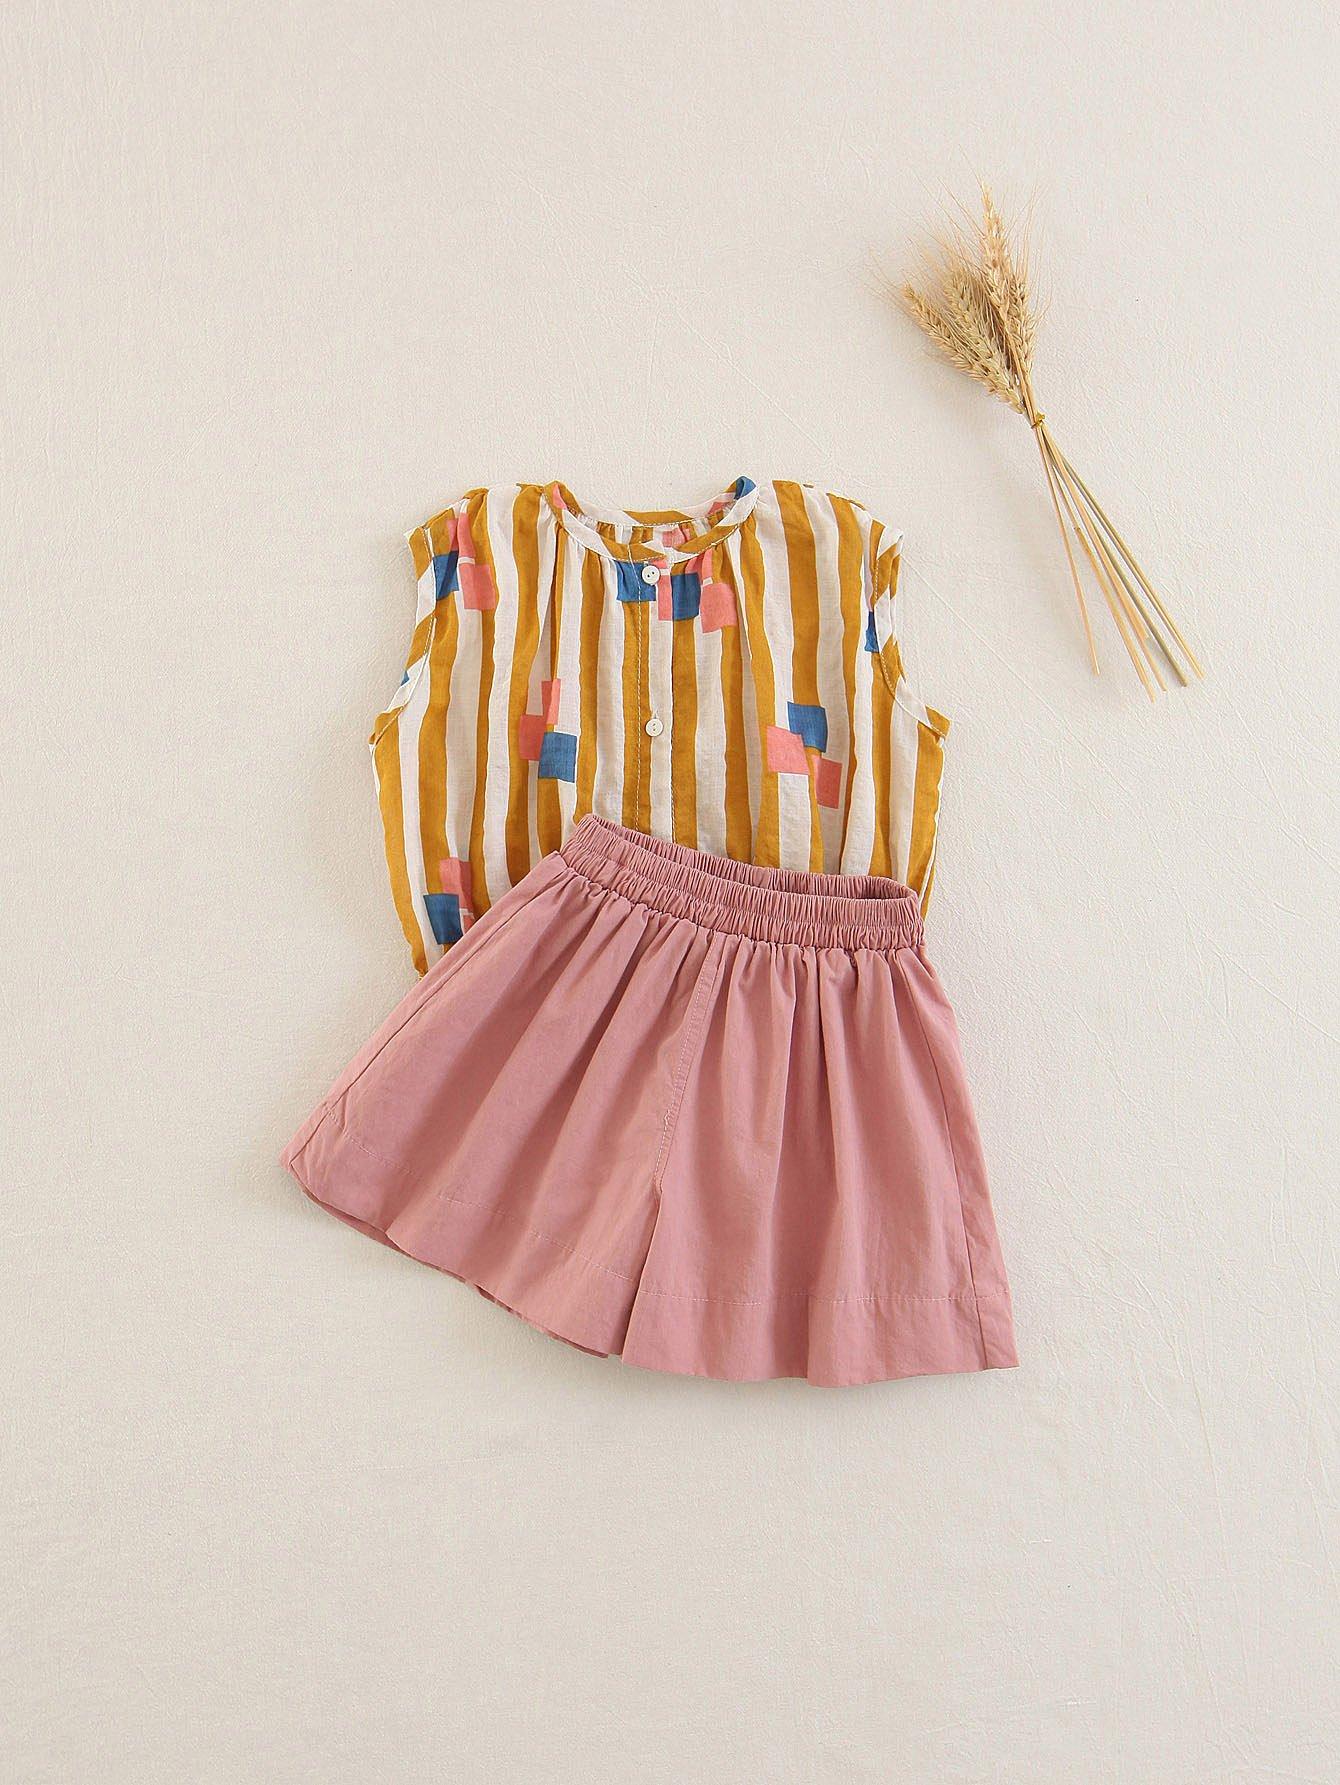 Купить Блузка с полосками и юбка-шорты для детей, null, SheIn